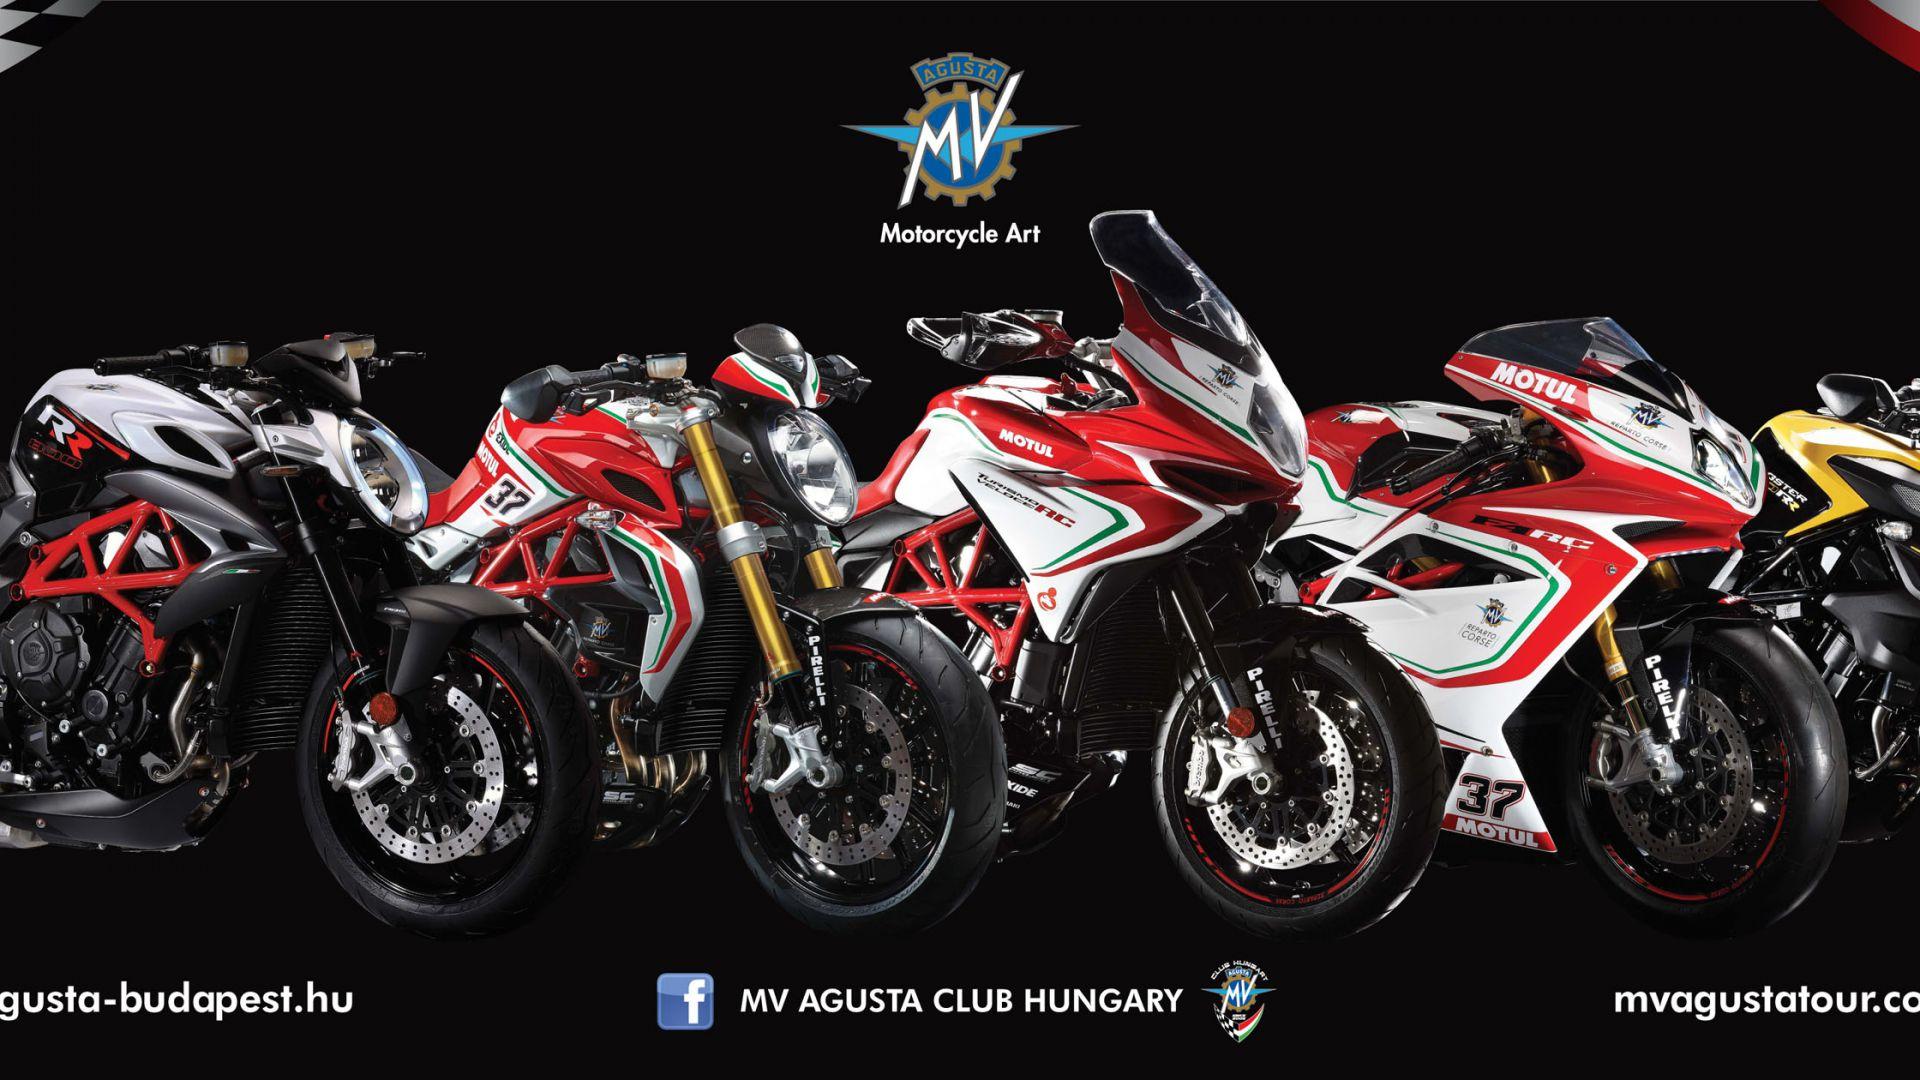 MV Agusta Magyarország!